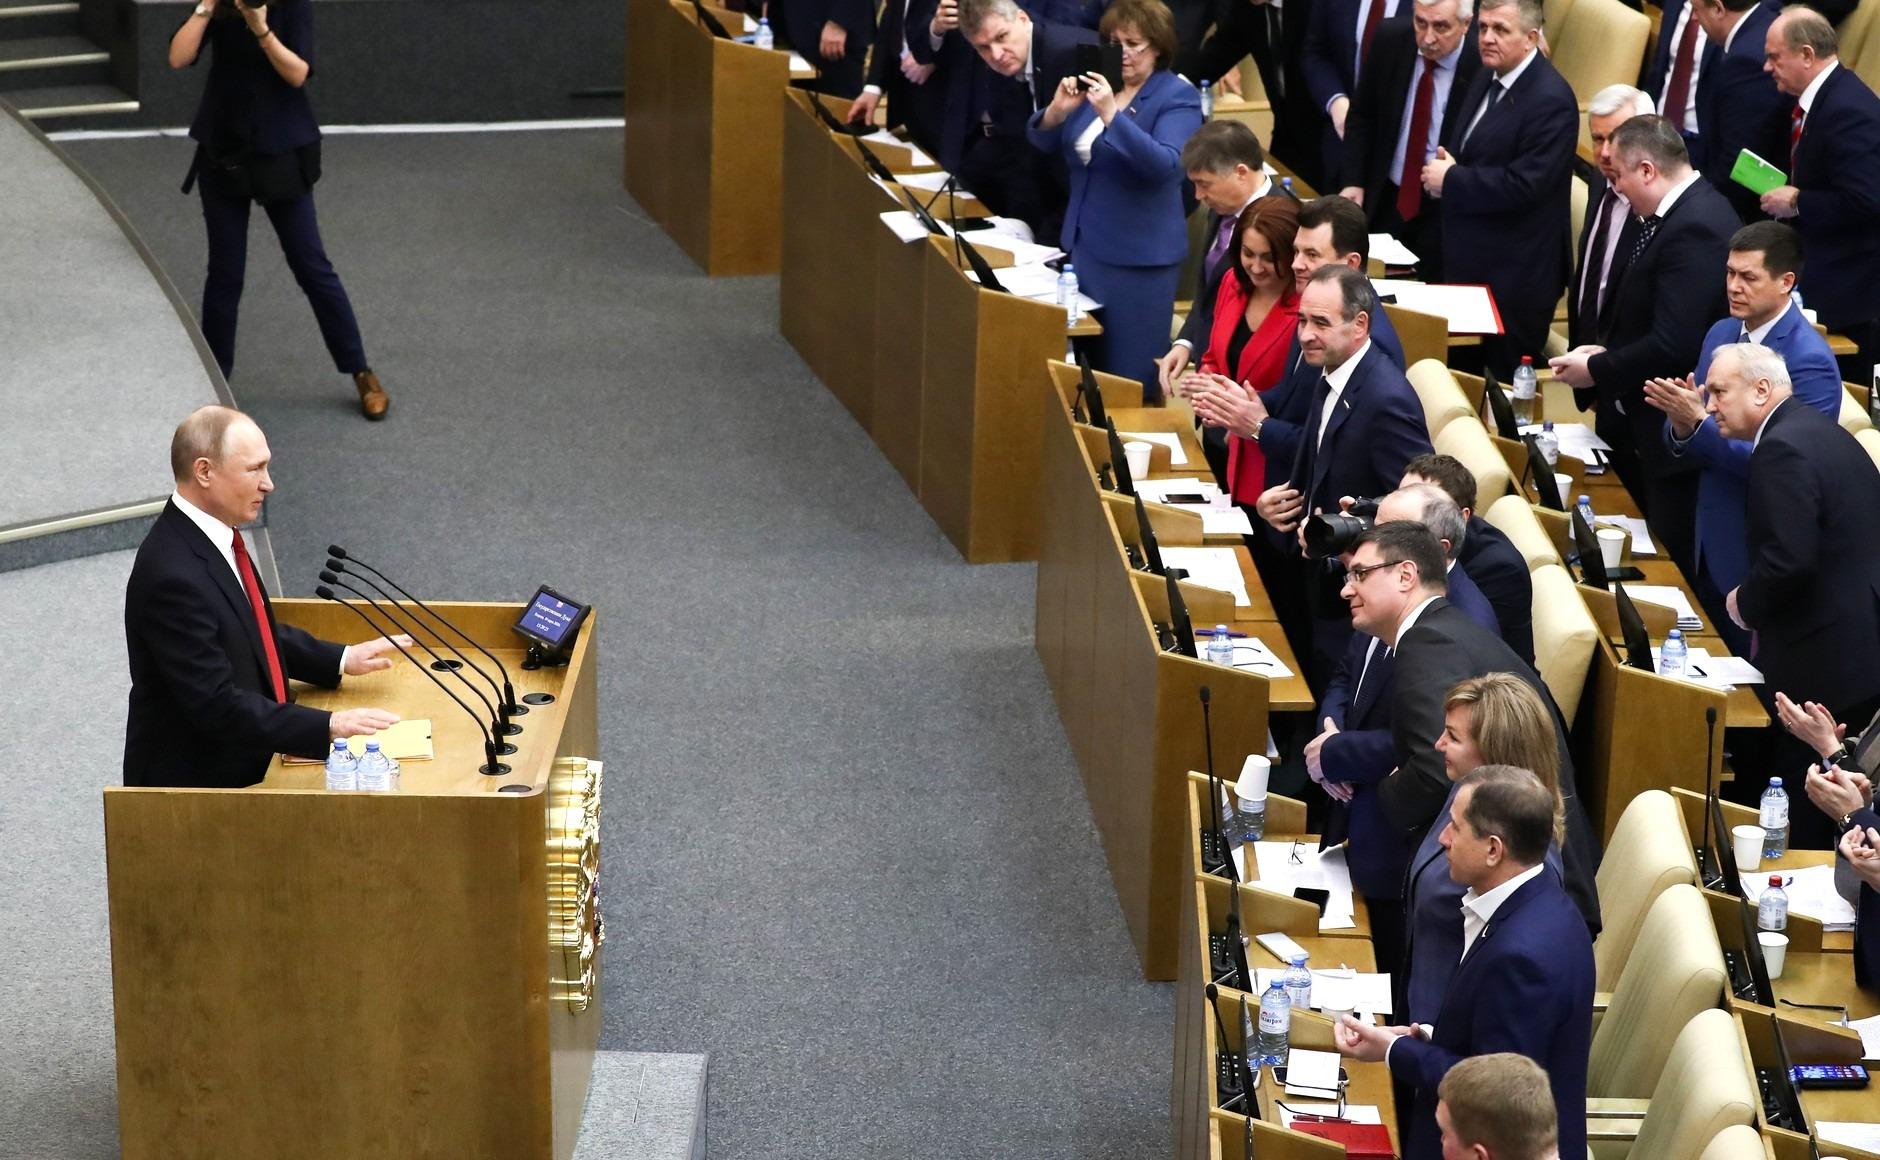 Полный текст выступления президента РФ Владимира Путина в Госдуме 10 марта 2020 года